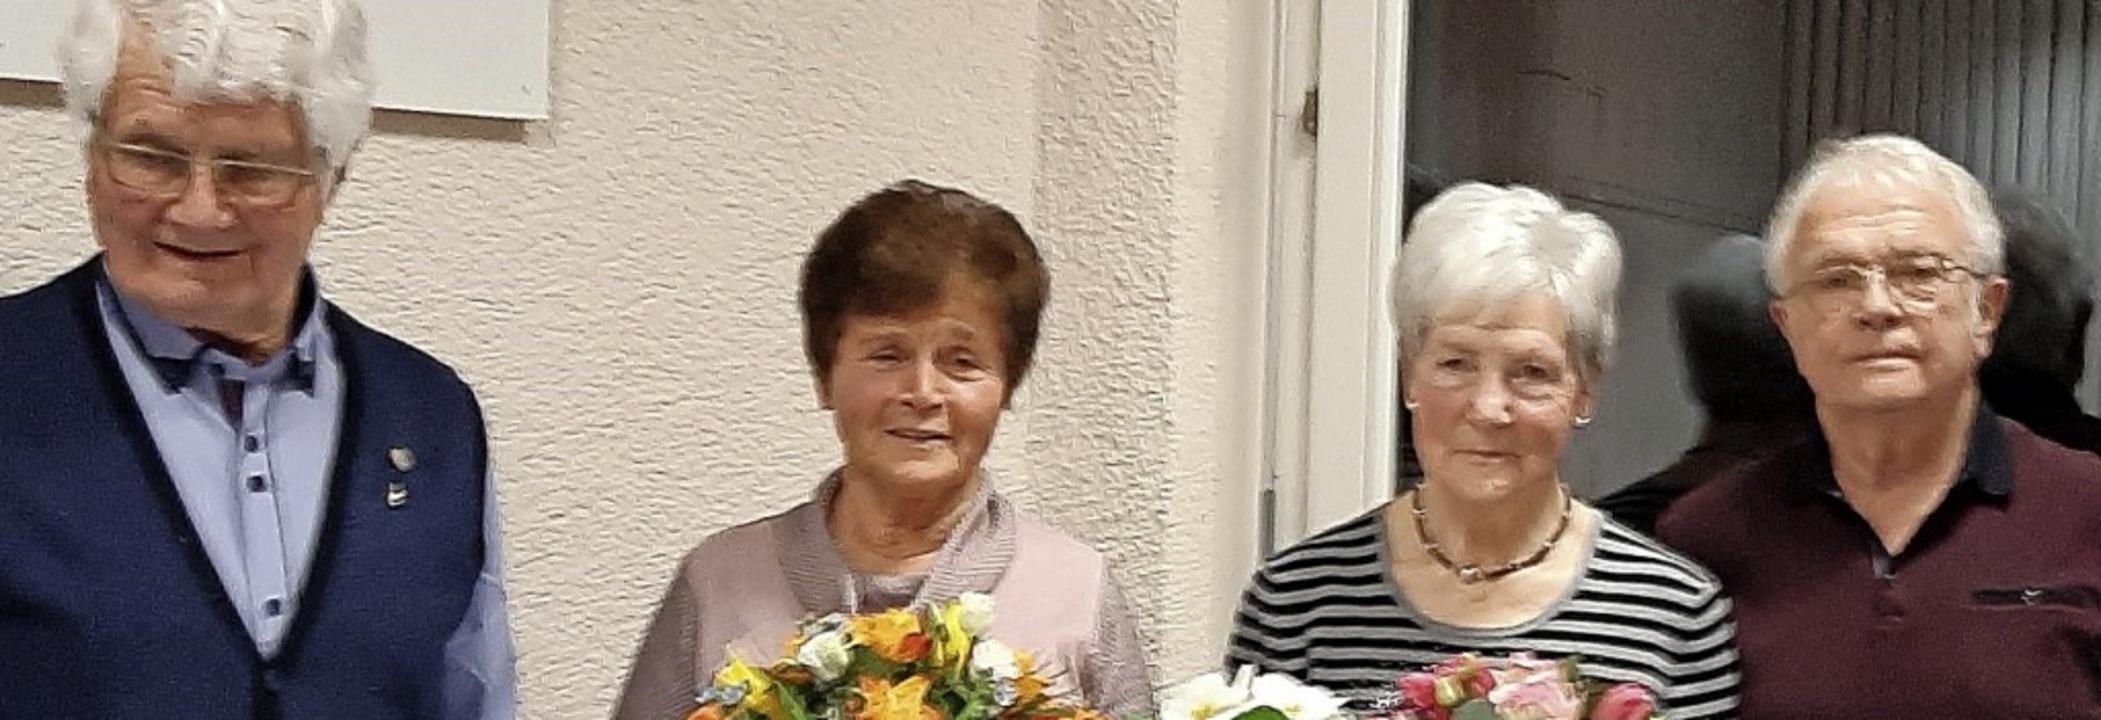 Geehrt: Siegfried Gässler mit Ehefrau ...Hermann Lehmann mit Ehefrau Hildegard.  | Foto: privat